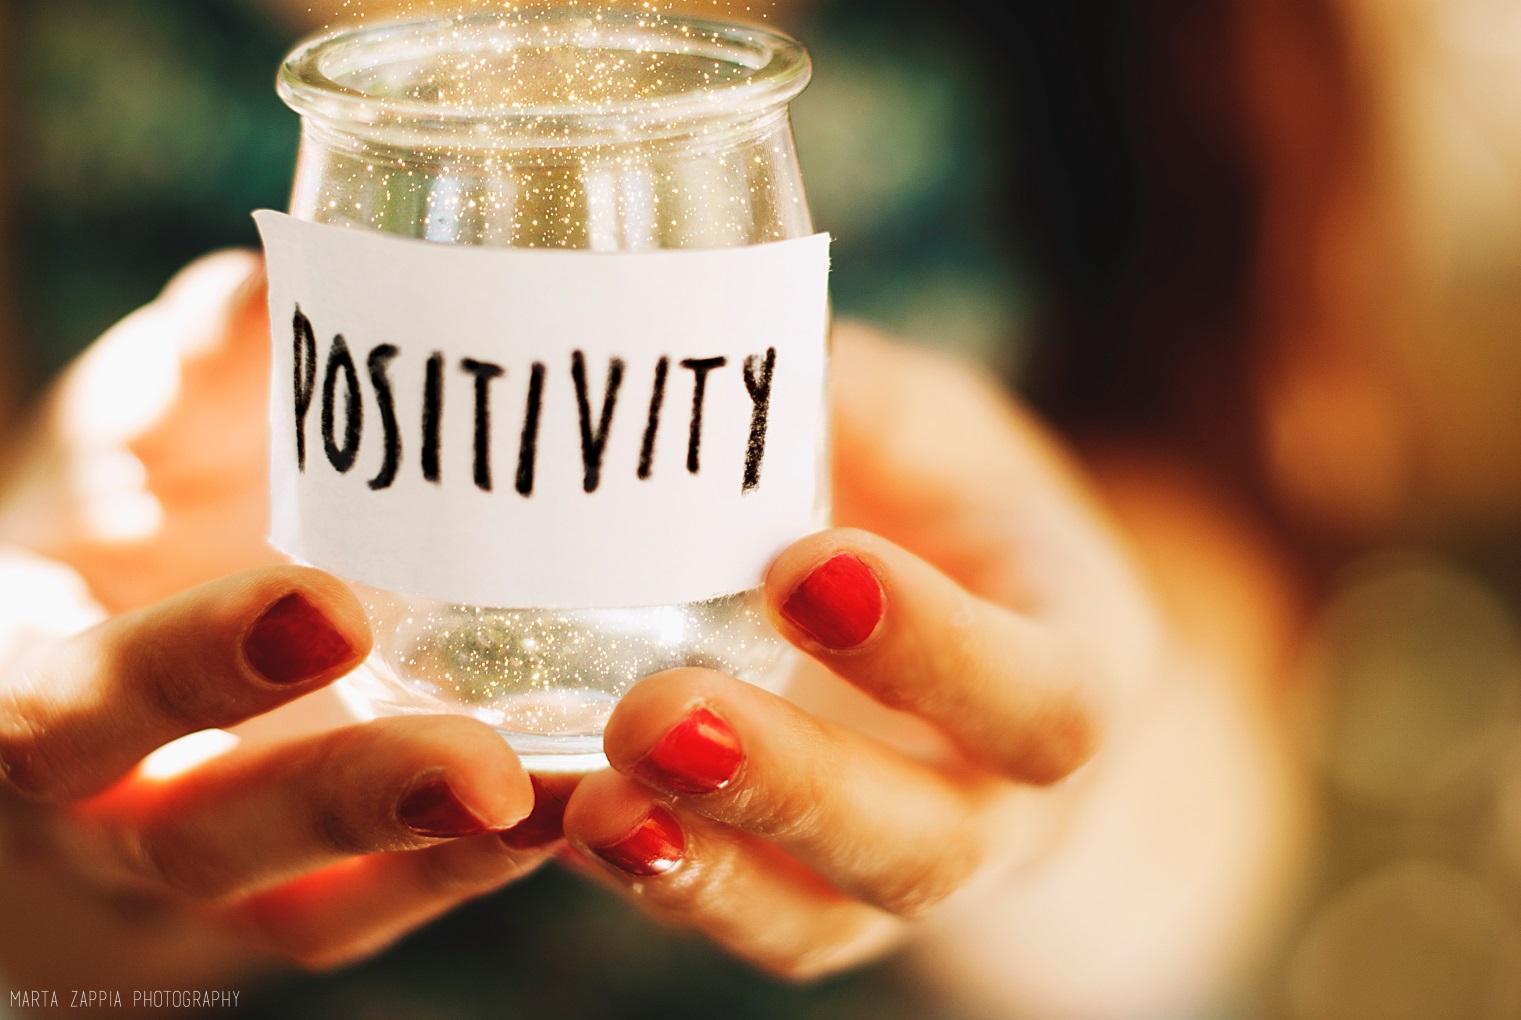 BYL Network Positivity